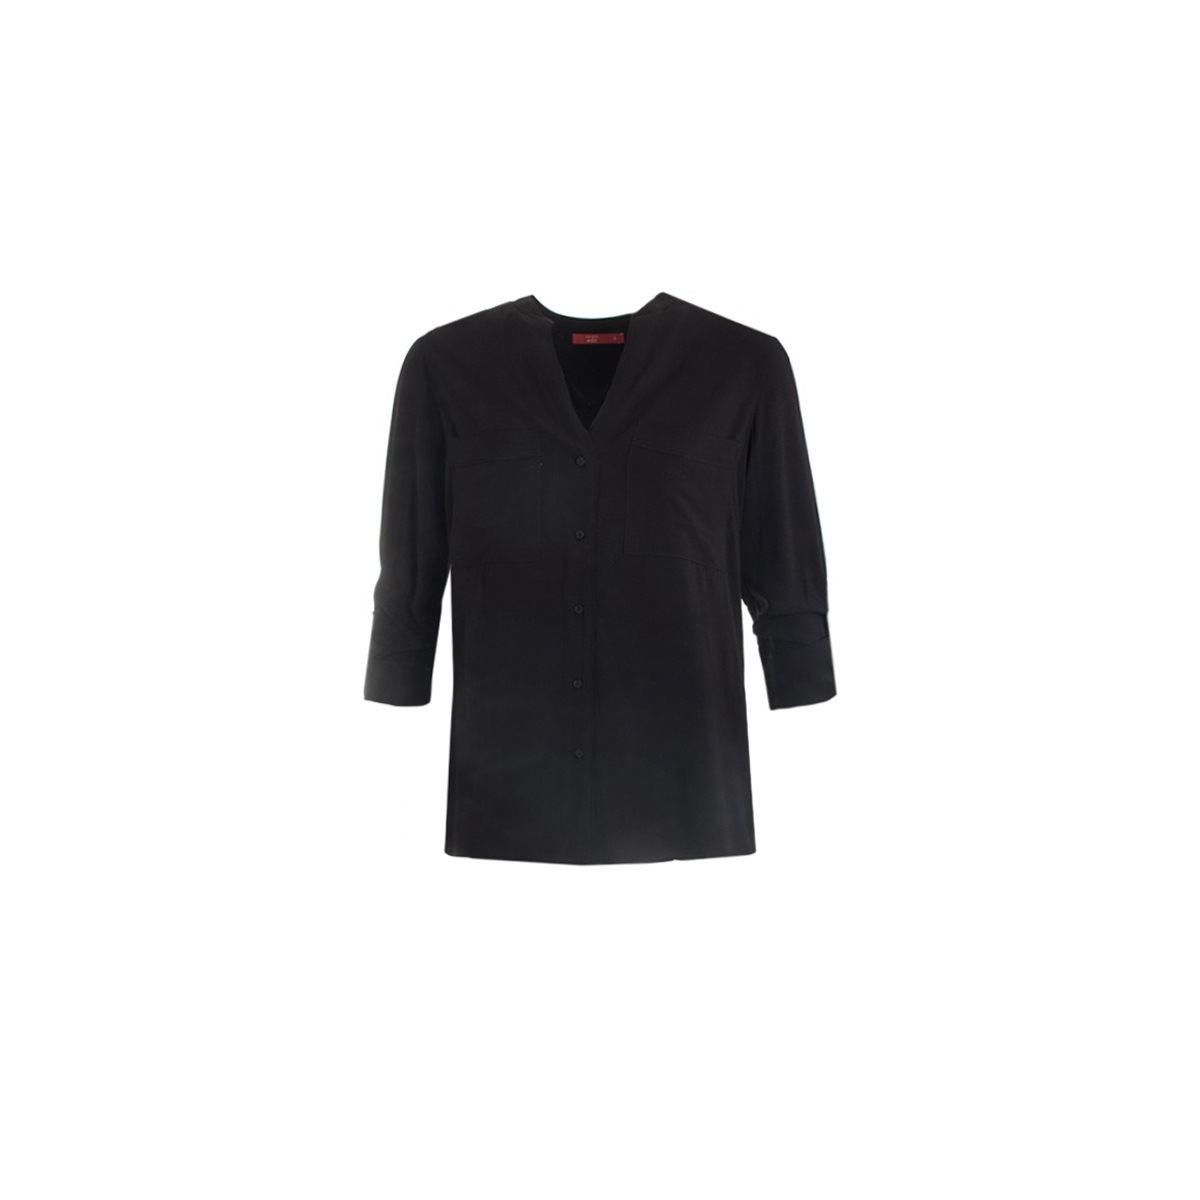 995cc1f901 edc blouse c001